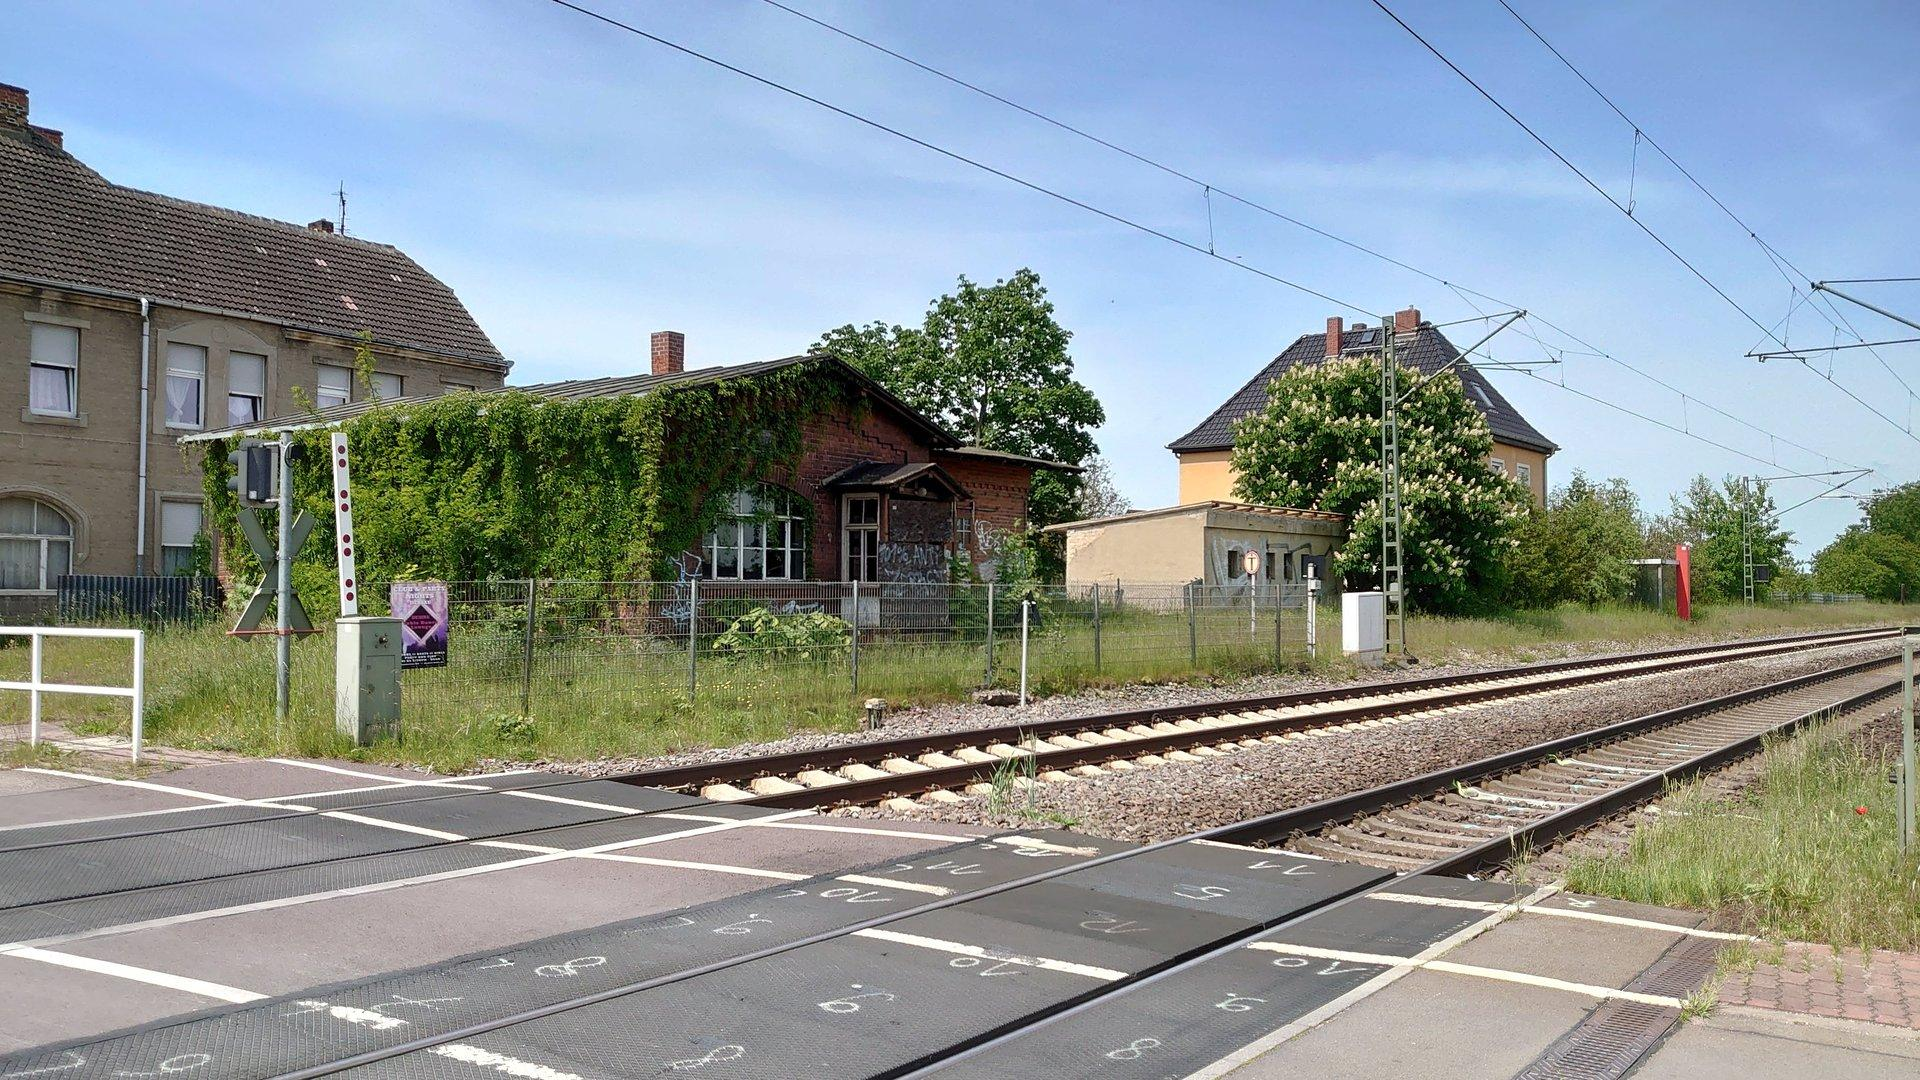 Jütrichau